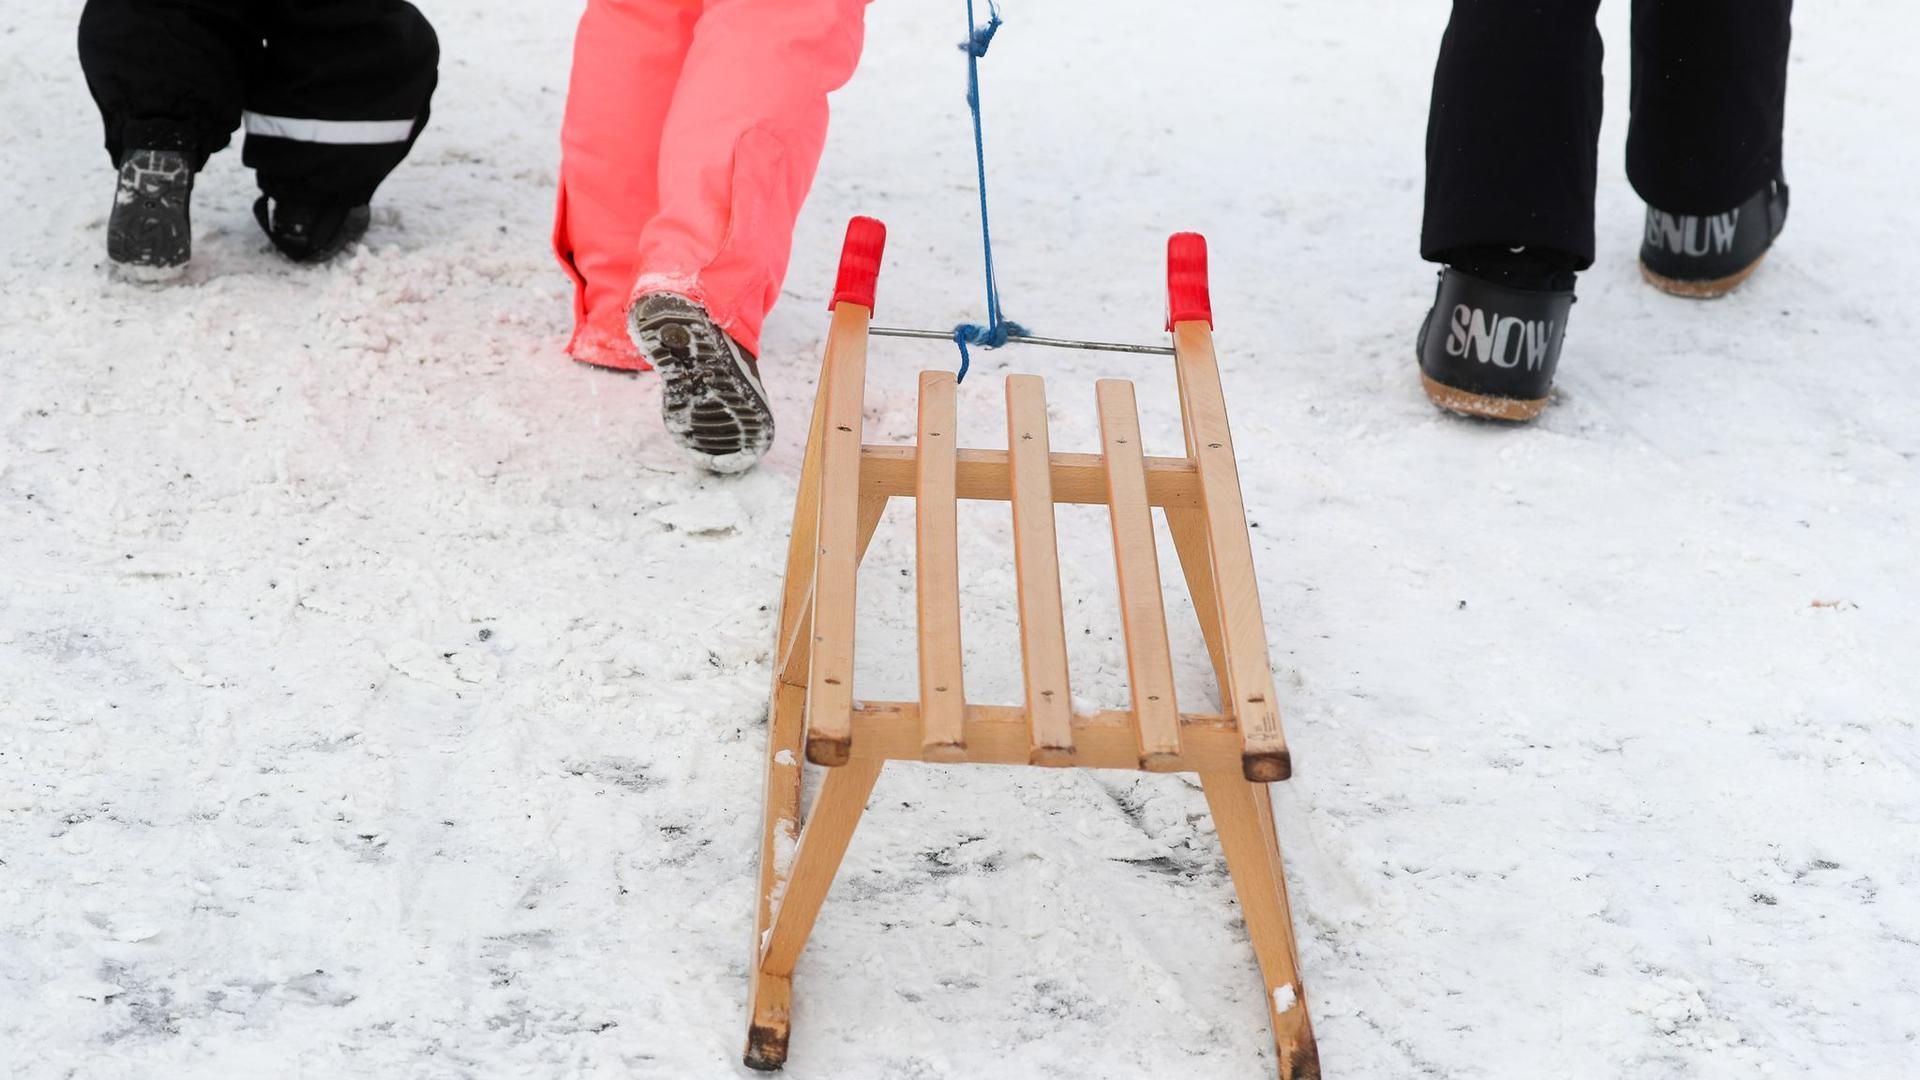 Winterurlauber gehen mit einem Schlitten zu einer Rodelbahn. NRW erwägt erneut eine Verlängerung der Winterferien.